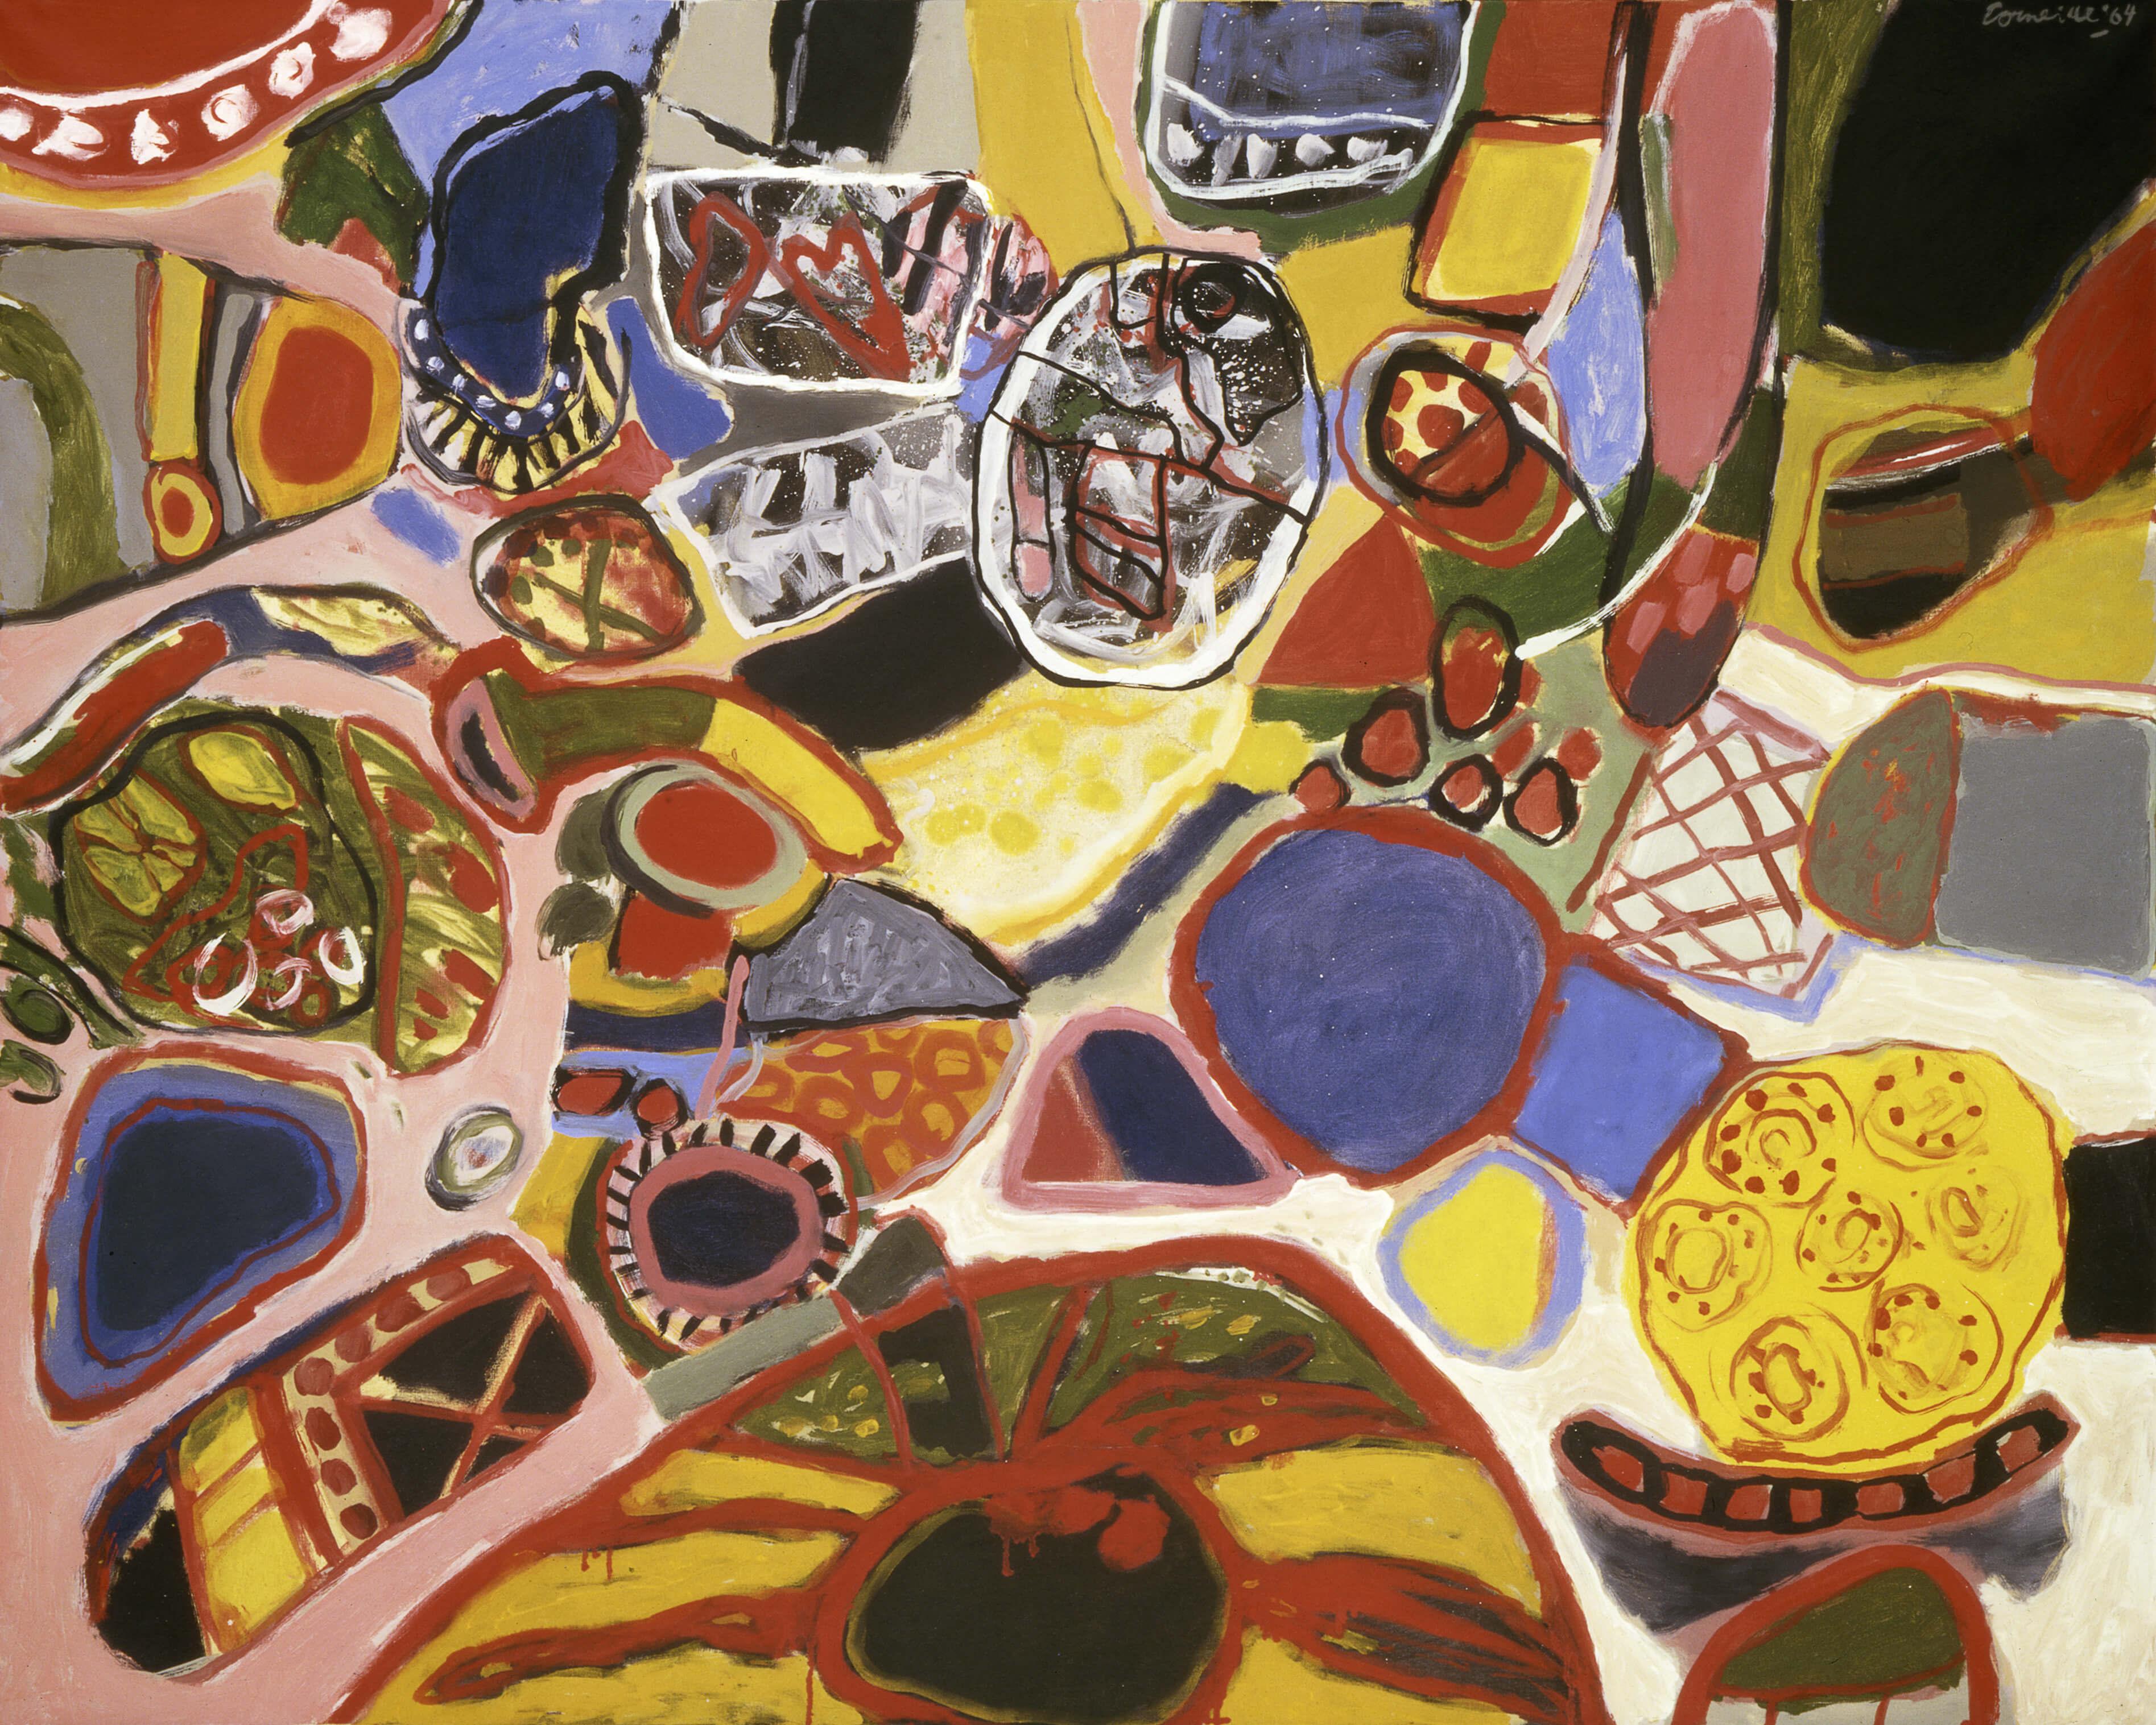 Corneille. La grande sinfonia solare, 1964. Olio su tela, cm. 129,6 x 162. Collezione Peggy Guggenheim, Venezia. © Guillaume Corneille, by SIAE 2008